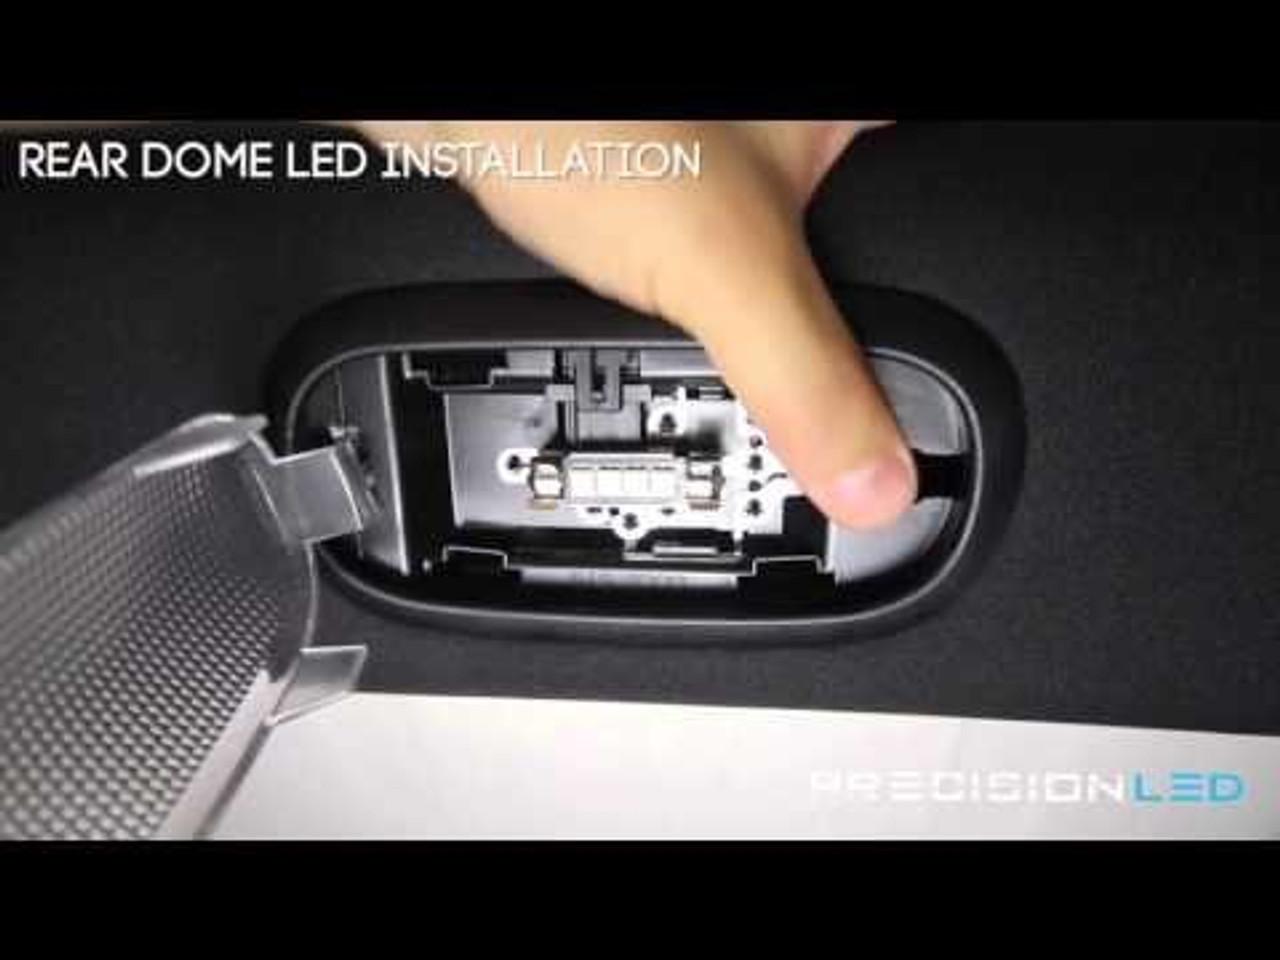 Jeep Wrangler JK 2-Door LED Backup Reverse Lights (2007-Present)